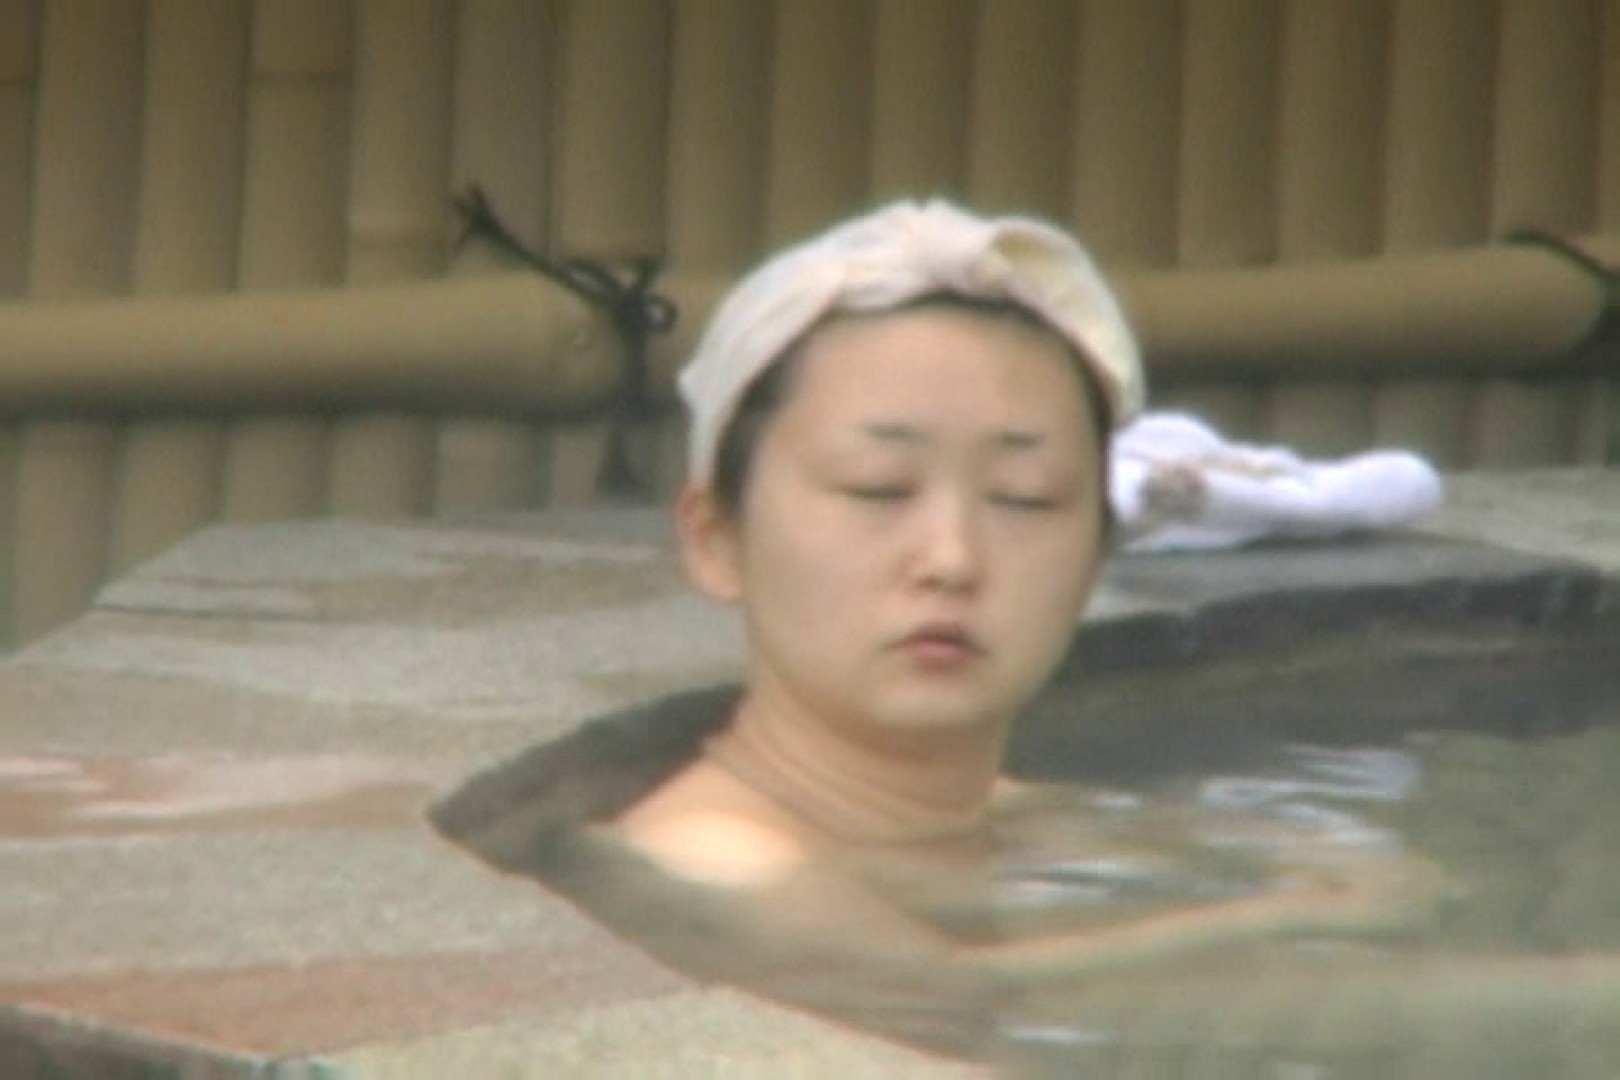 Aquaな露天風呂Vol.564 美しいOLの裸体   盗撮師作品  100pic 4